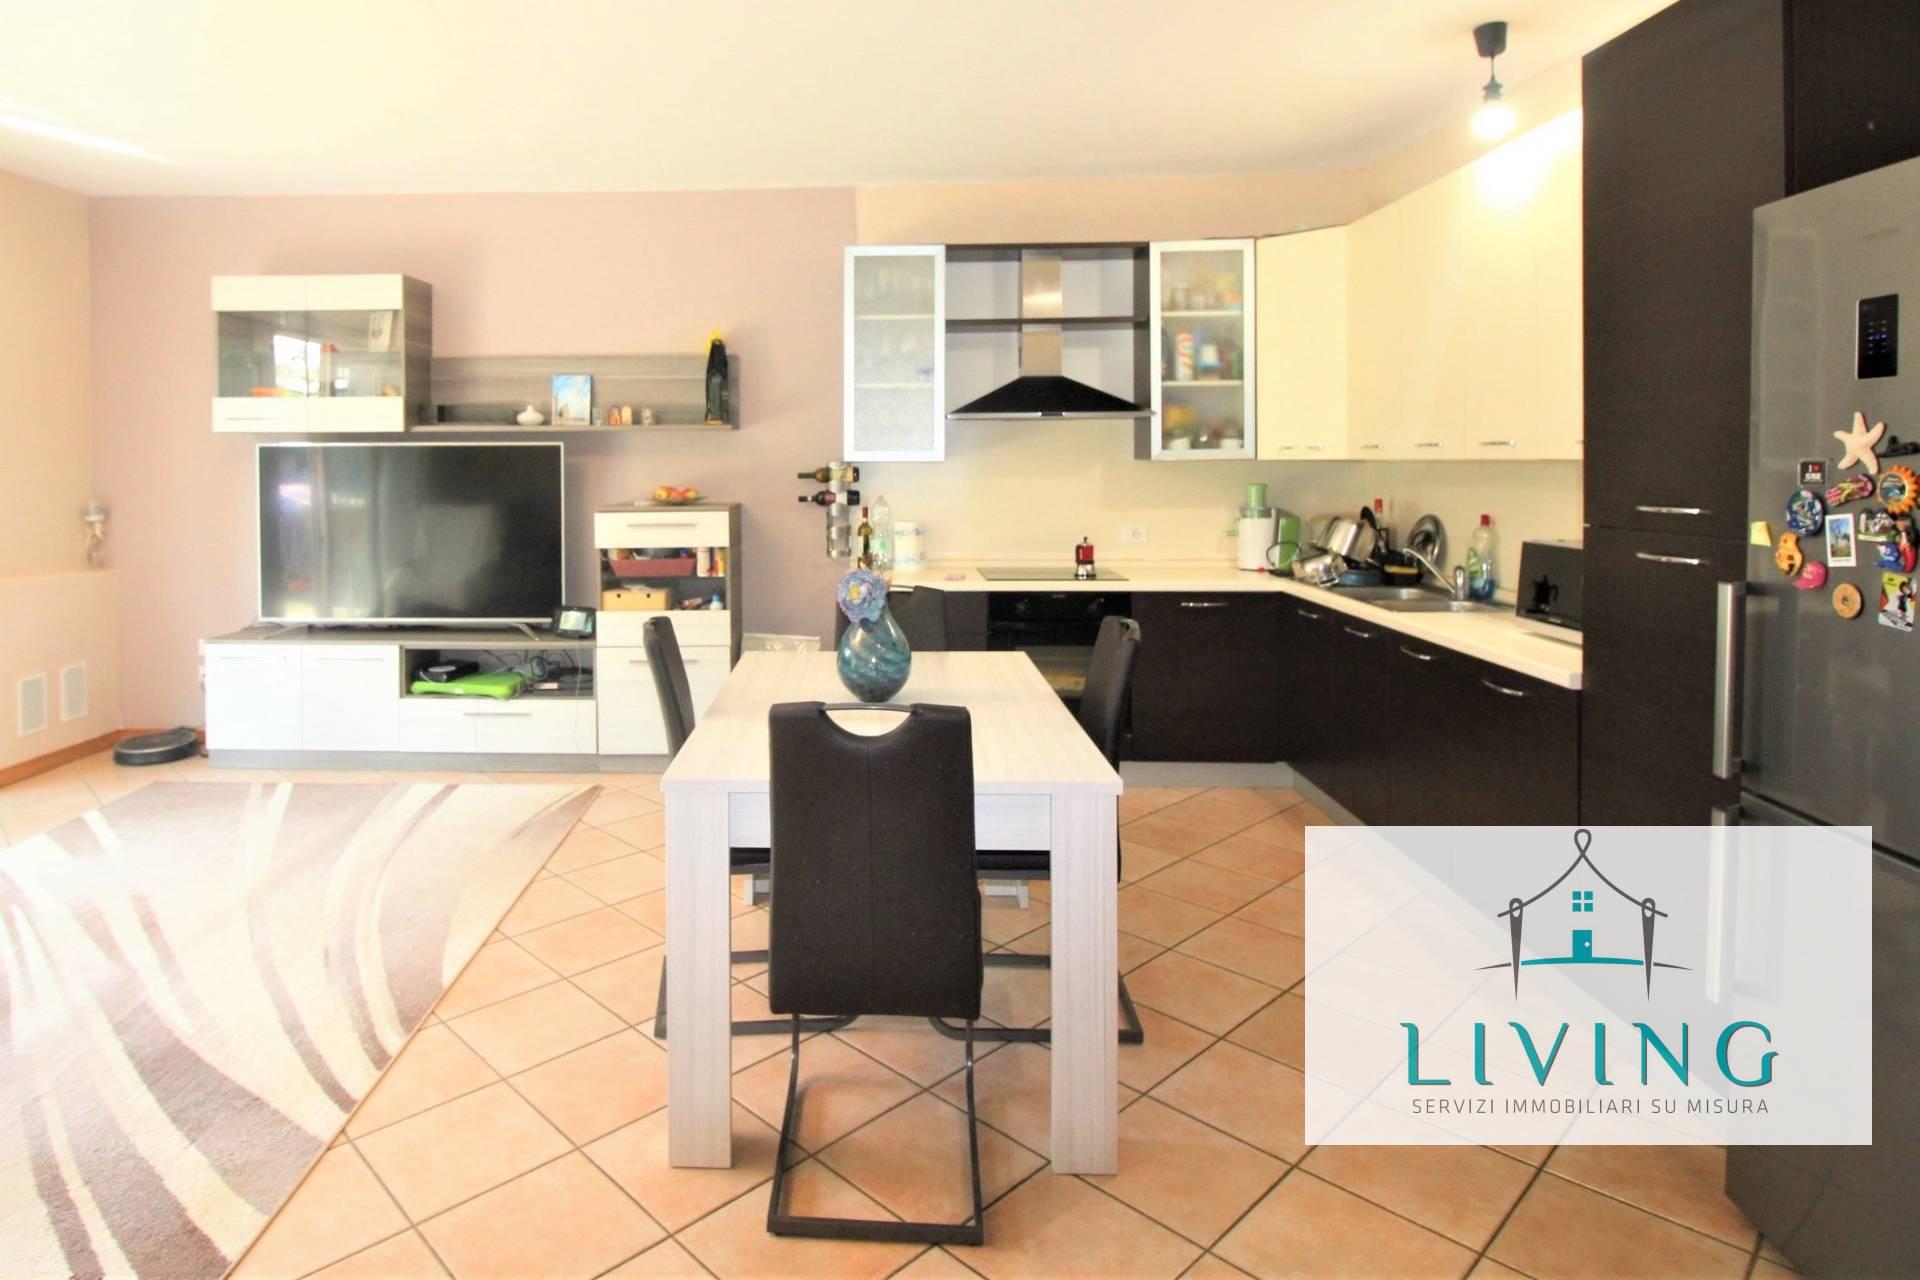 Appartamento in vendita a Brembate, 3 locali, prezzo € 199.000 | PortaleAgenzieImmobiliari.it